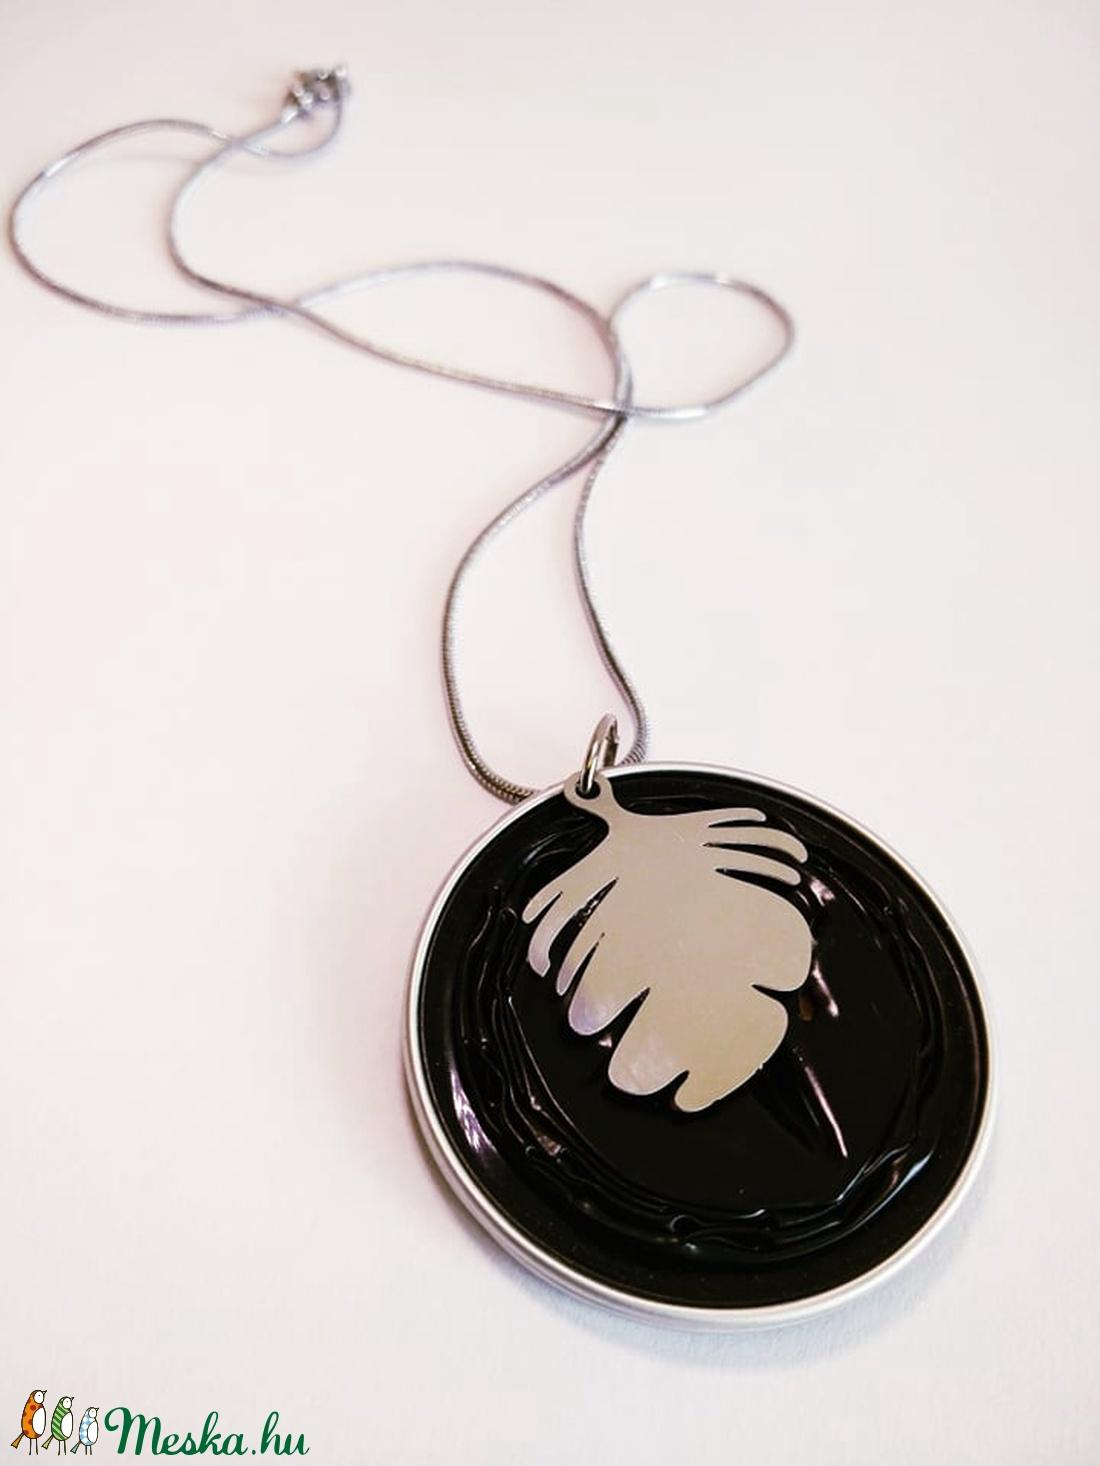 Ginko Steel Symbol kollekció - kapszula nyaklánc - ékszer - nyaklánc - medálos nyaklánc - Meska.hu